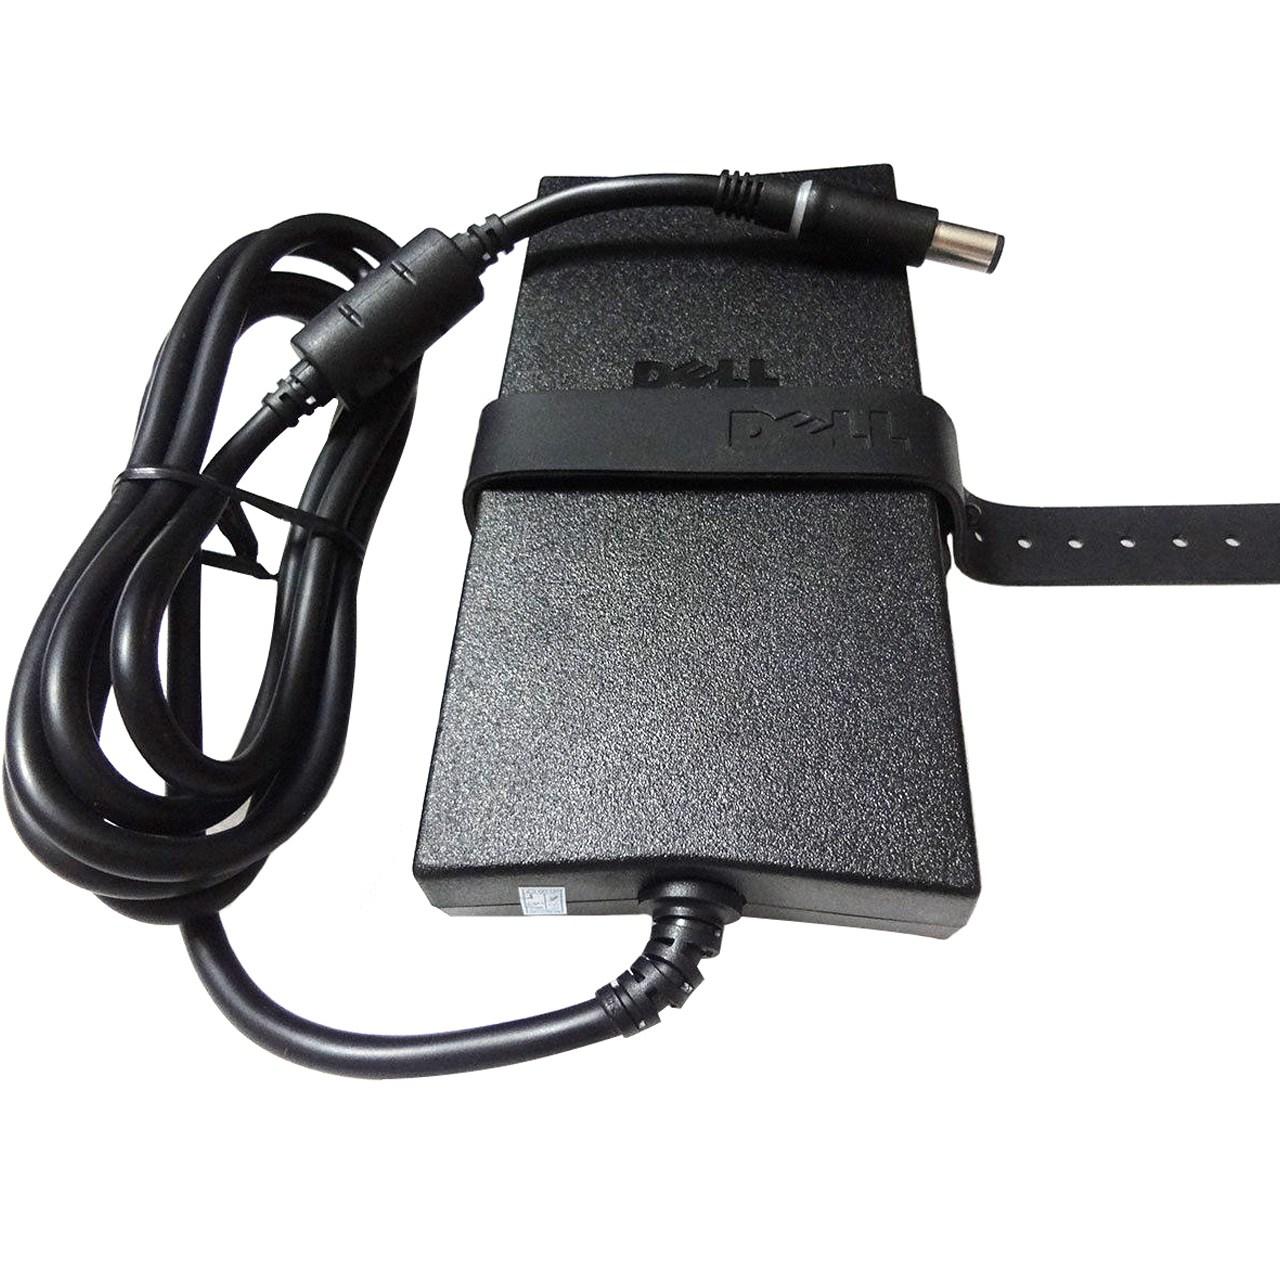 شارژر لپ تاپ اسلیم 19.5 ولت 6.7 آمپر مدل FA130PE1-00